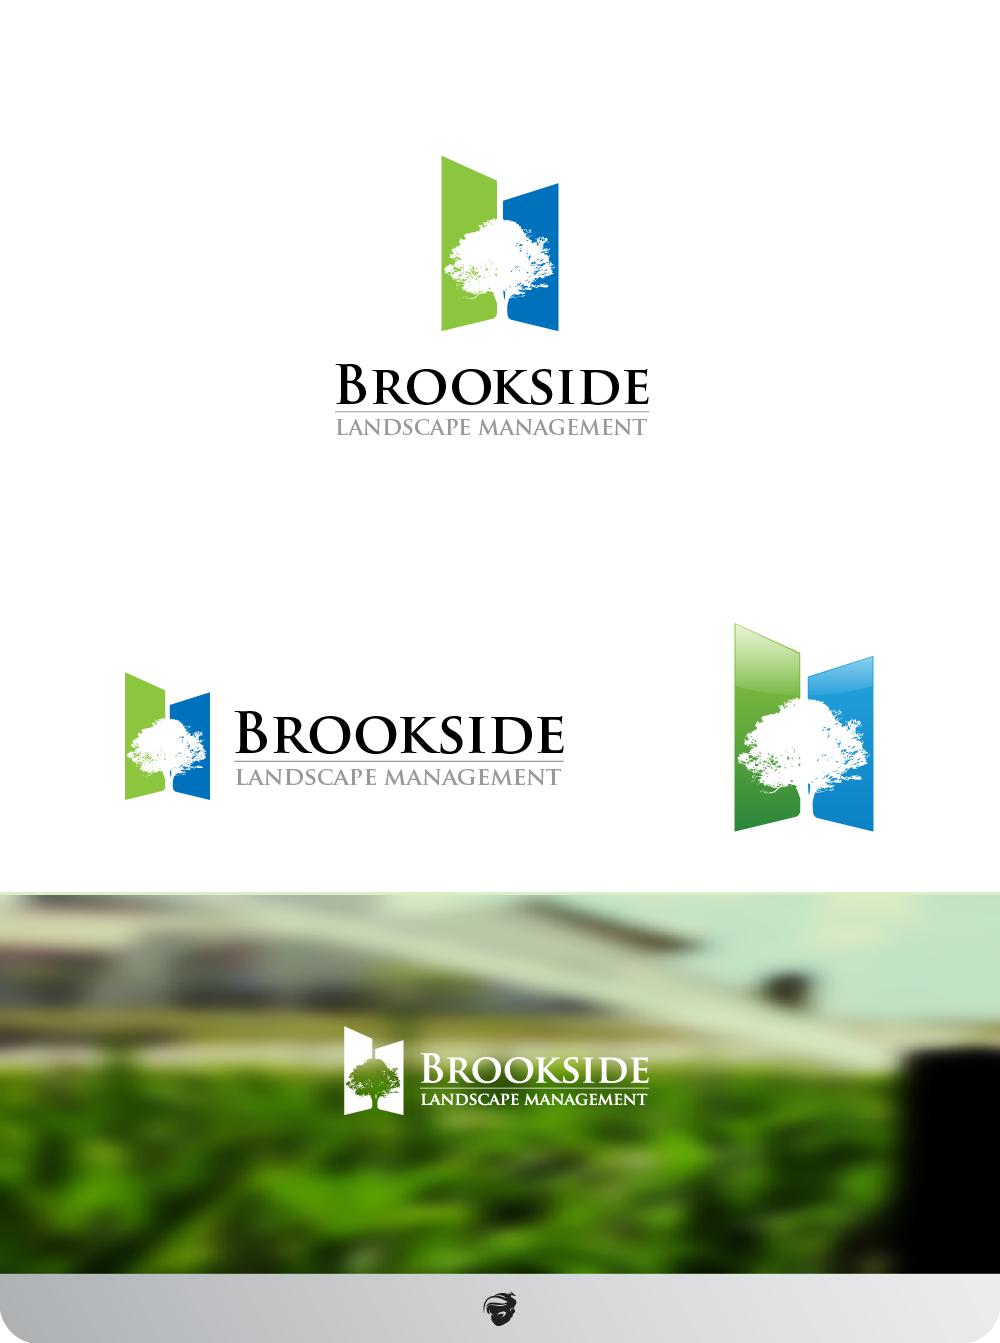 Logo Design by zesthar - Entry No. 170 in the Logo Design Contest New Logo Design for Brookside Landscape Management.